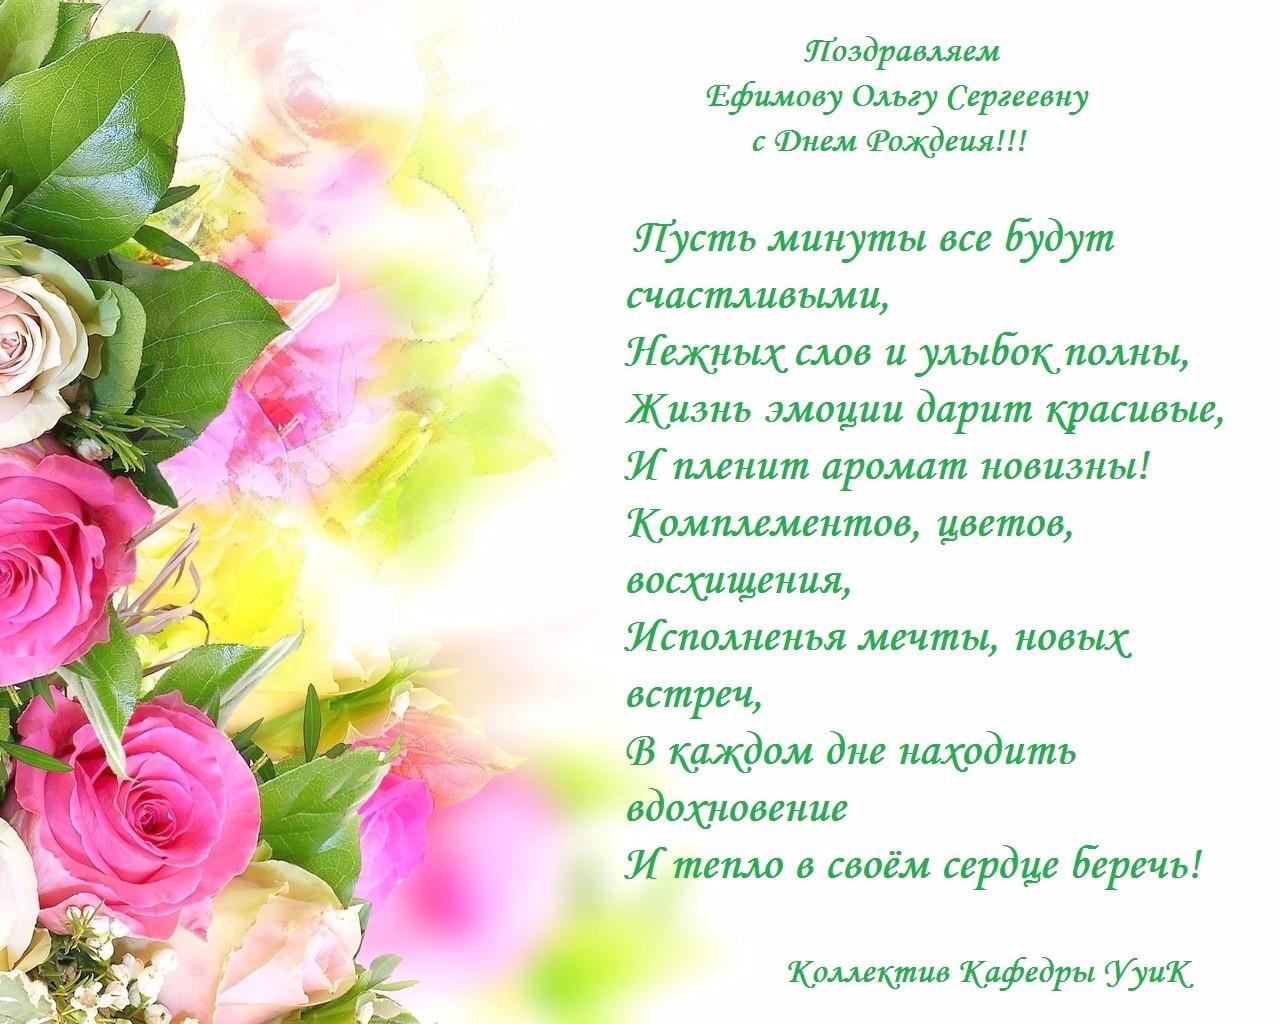 Поздравление с днём рождения женщине красивое в стихах от коллектива 69